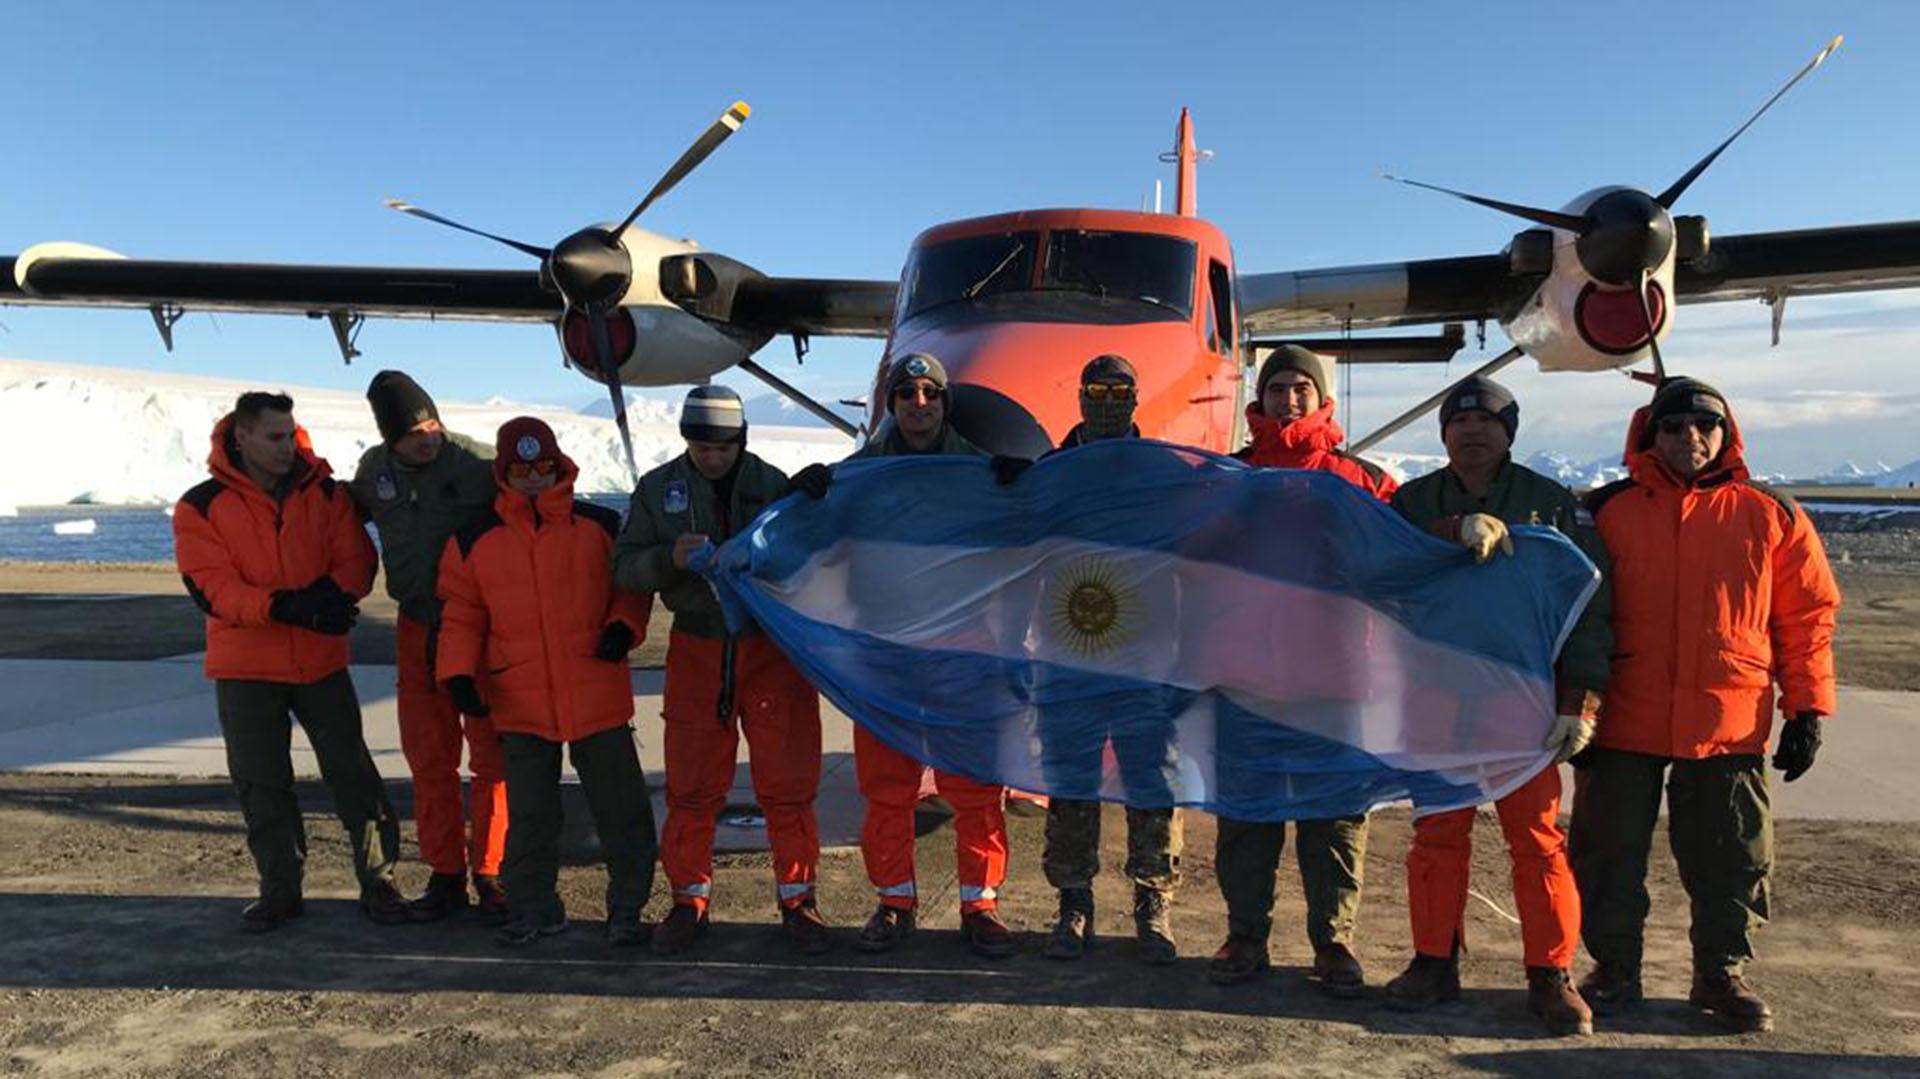 Los tripulantes del avión que viajaron en el vuelo histórico